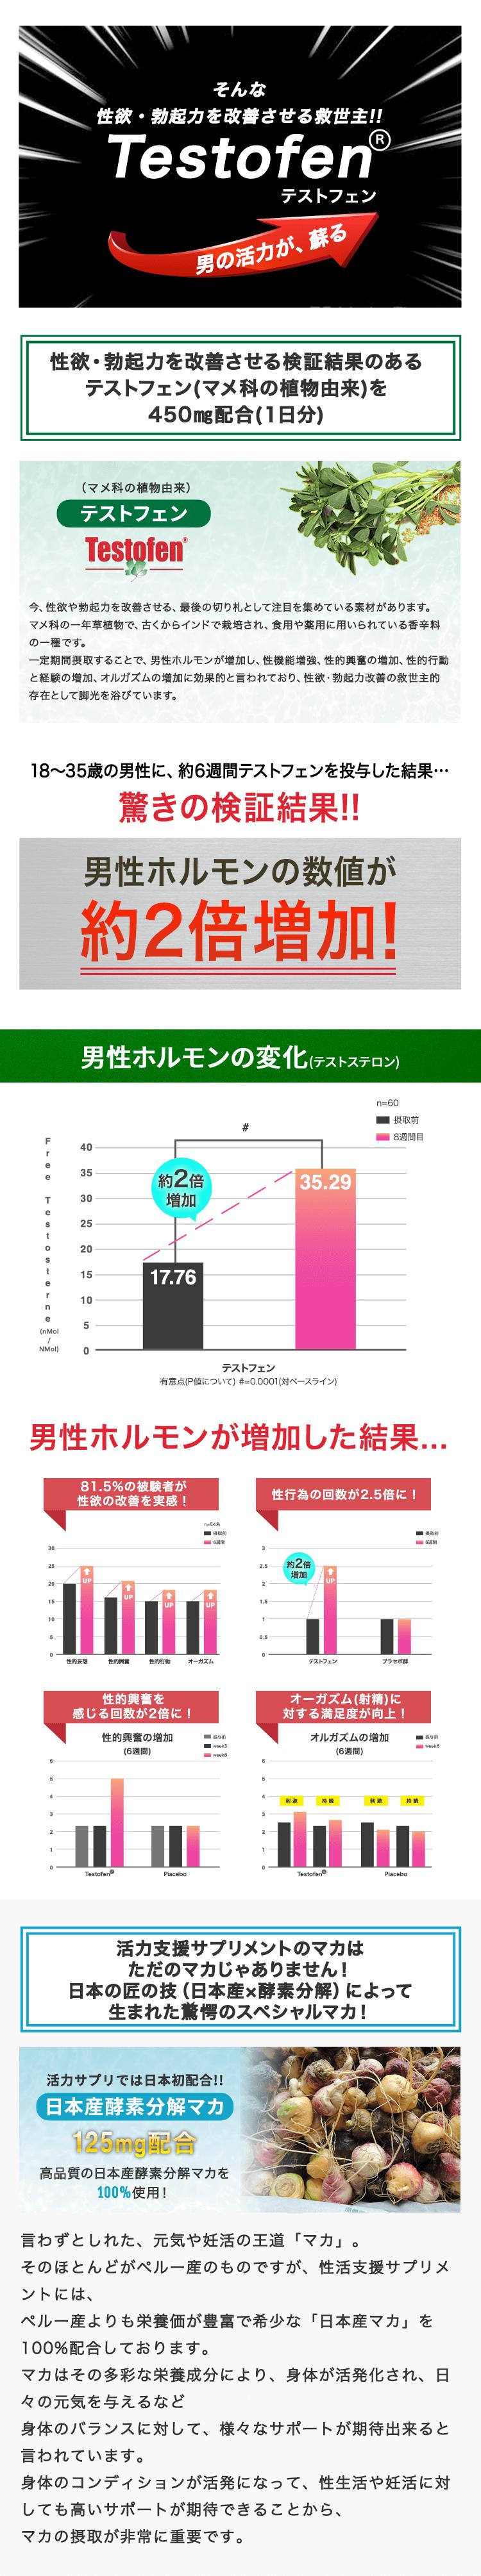 テストフェン・日本産酵素分解マカ